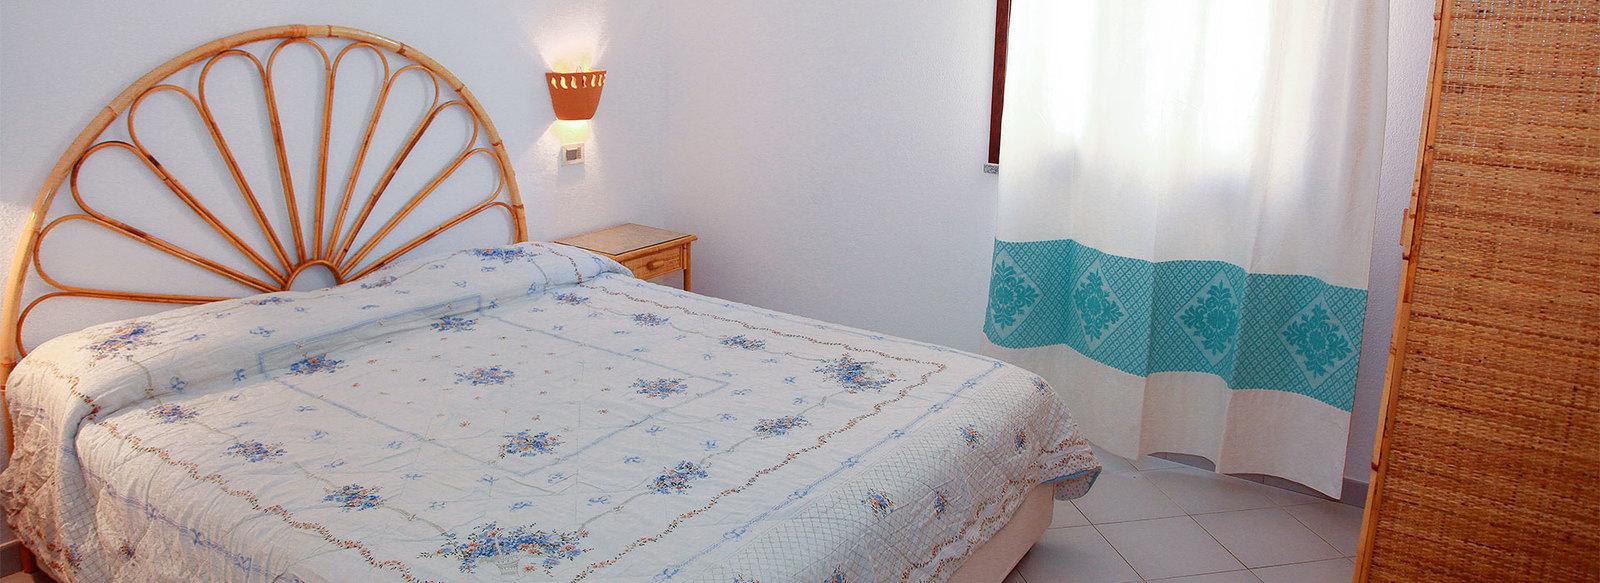 Appartamenti low-cost a 300 metri dal mare